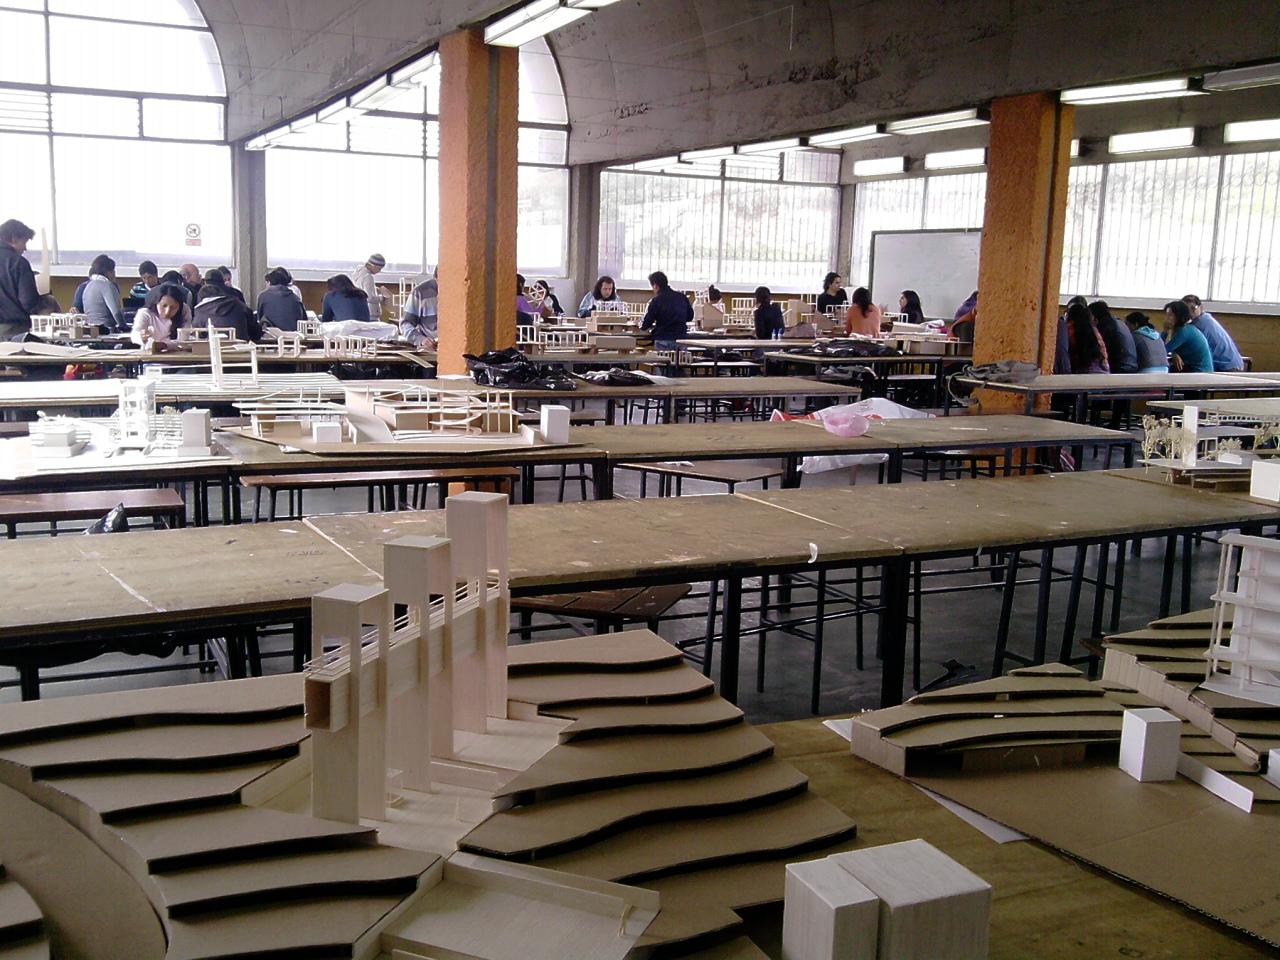 Trazando noticias exhibici n de talentos en la facultad for Inscripciones facultad de arquitectura